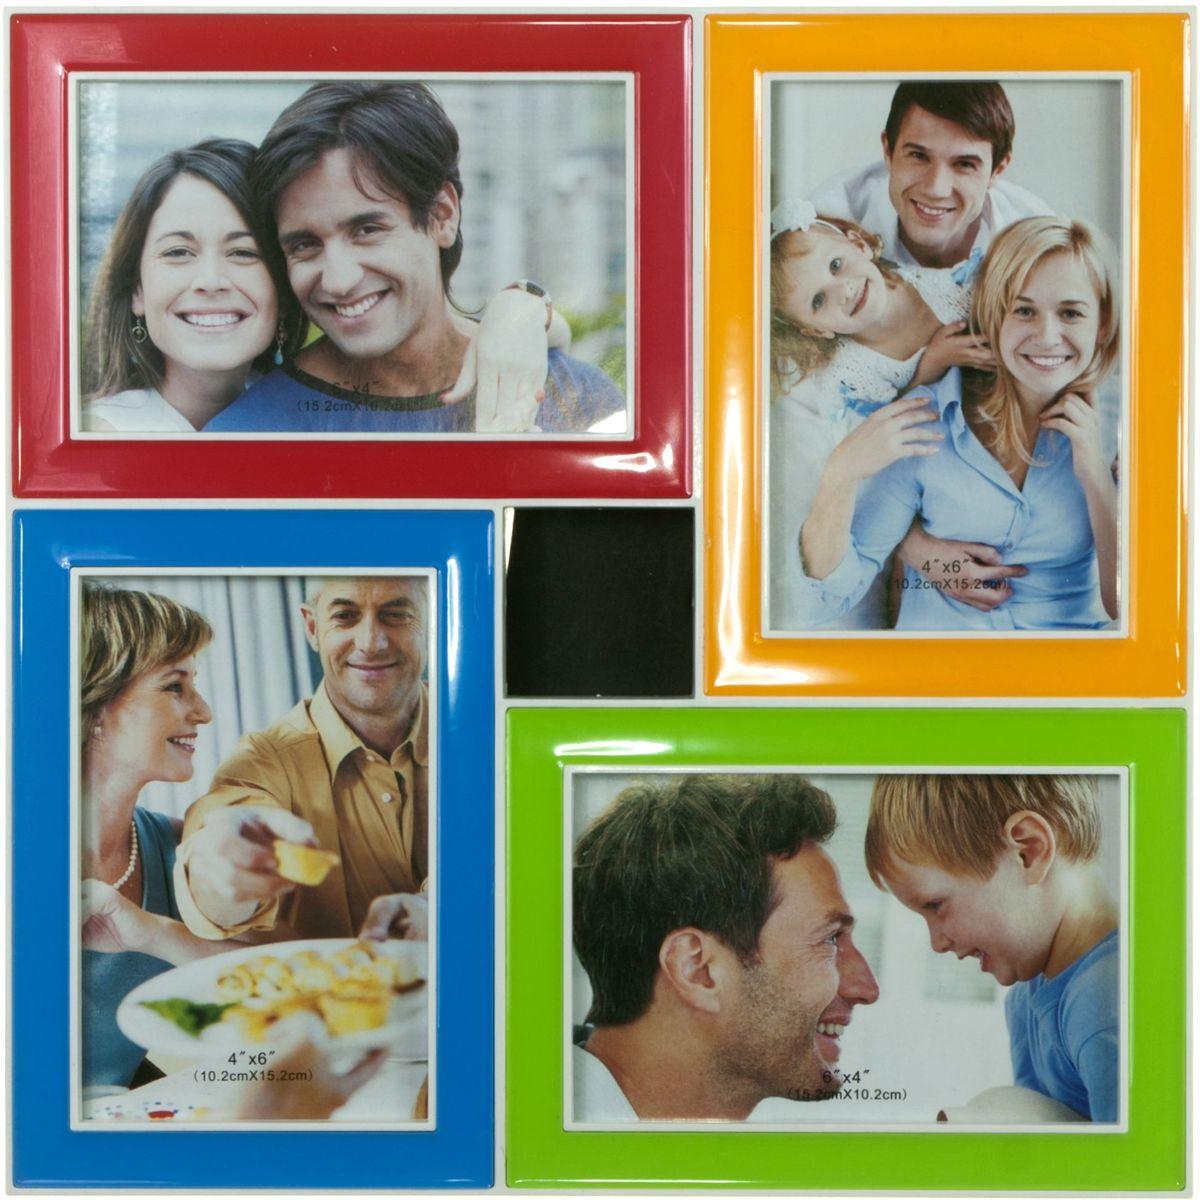 Фоторамка Platinum, цвет: мультиколор, на 4 фото 10 х 15 смBIN-1123593-Color-Колор миксФоторамка Platinum - прекрасный способ красиво оформить ваши фотографии. Фоторамка выполнена из пластика и защищена стеклом. Фоторамка-коллаж представляет собой четыре фоторамки для фото одного размера оригинально соединенных между собой. Такая фоторамка поможет сохранить в памяти самые яркие моменты вашей жизни, а стильный дизайн сделает ее прекрасным дополнением интерьера комнаты. Фоторамка имеет подставку галстук для установки на стол и скобу для подвешивания на стену.Фоторамка подходит для фотографий 10 х 15 см.Общий размер фоторамки: 30 х 30 см.